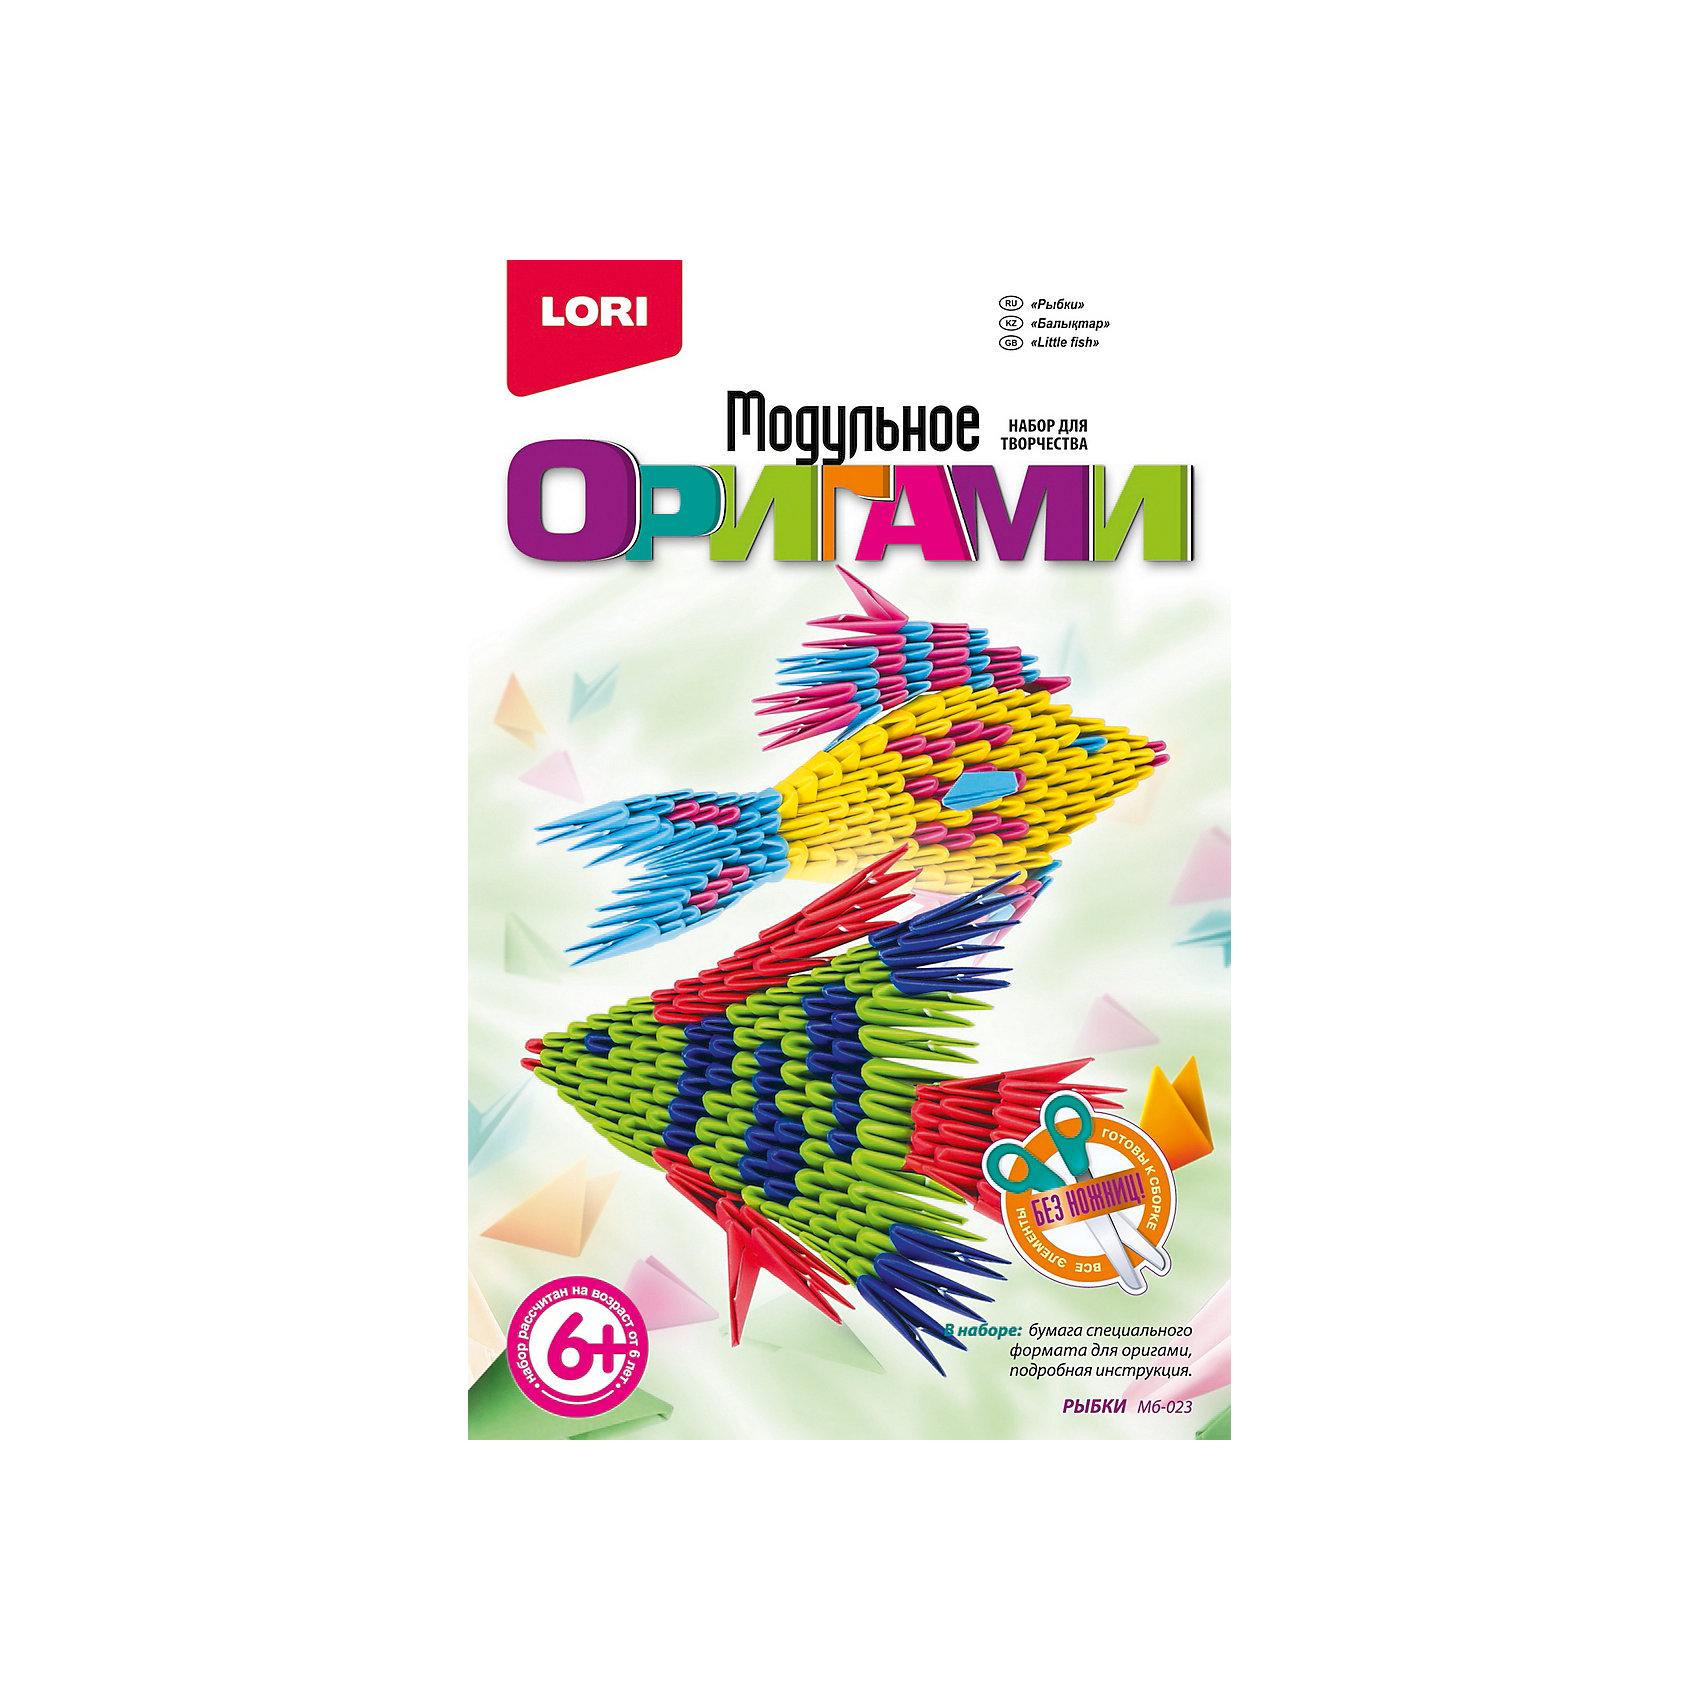 Модульное оригами Рыбки, LORIС помощью творческого набора Модульное оригами Рыбки, LORI (ЛОРИ) ребенок сможет самостоятельно создать причудливые разноцветные фигурки рыбок из бумажных треугольных модулей. Объемные фигуры из бумаги всегда смотрятся очень красиво и необычно, а техника модульного оригами более простая по сравнению с классическим оригами, но в то же время очень увлекательное и полезное занятие для ребенка. Если Ваш ребенок любит создавать поделки своими руками или удивлять друзей оригинальными подарками, то этот набор как раз для него! <br><br>Комплектация: бумага специального формата, инструкция<br><br>Дополнительная информация:<br>-Развивает: мелкую моторику, внимание, память,  образное и пространственное мышление, усидчивость, аккуратность, глазомер<br>-Размеры в упаковке: 20,8х13,5х3 см<br>-Вес в упаковке: 230 г <br>-Материалы: бумага, картон<br><br>Модульное оригами Рыбки, LORI (ЛОРИ) можно купить в нашем магазине.<br><br>Ширина мм: 208<br>Глубина мм: 135<br>Высота мм: 30<br>Вес г: 230<br>Возраст от месяцев: 72<br>Возраст до месяцев: 108<br>Пол: Унисекс<br>Возраст: Детский<br>SKU: 4296898